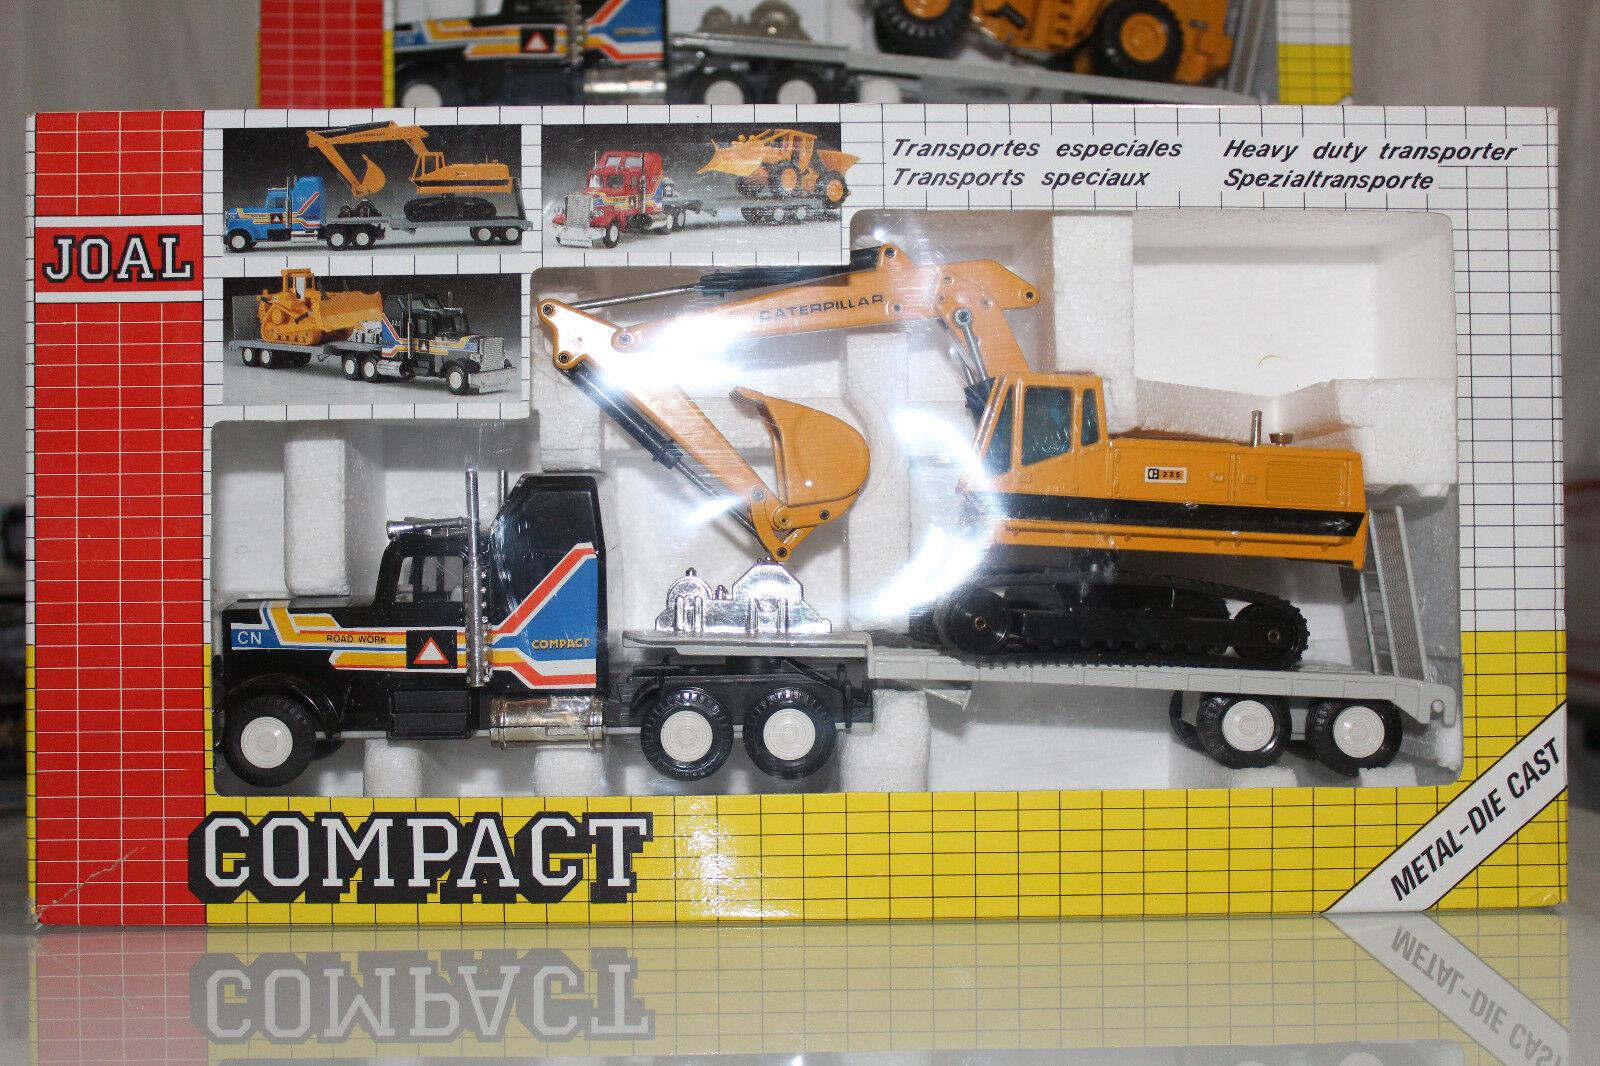 Joal échelle 1 50 Compact Series Heavy Duty transporteur avec CAT 225 Ref. 320